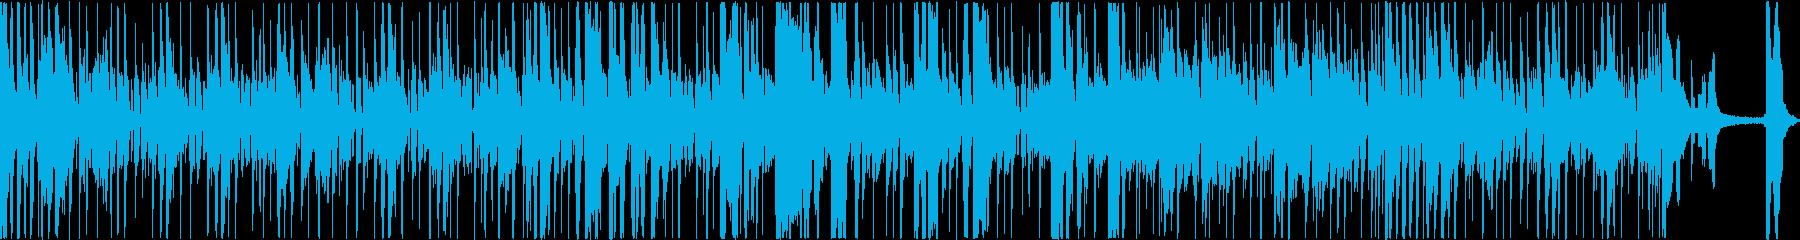 活気のあるクールなファンクスターの再生済みの波形